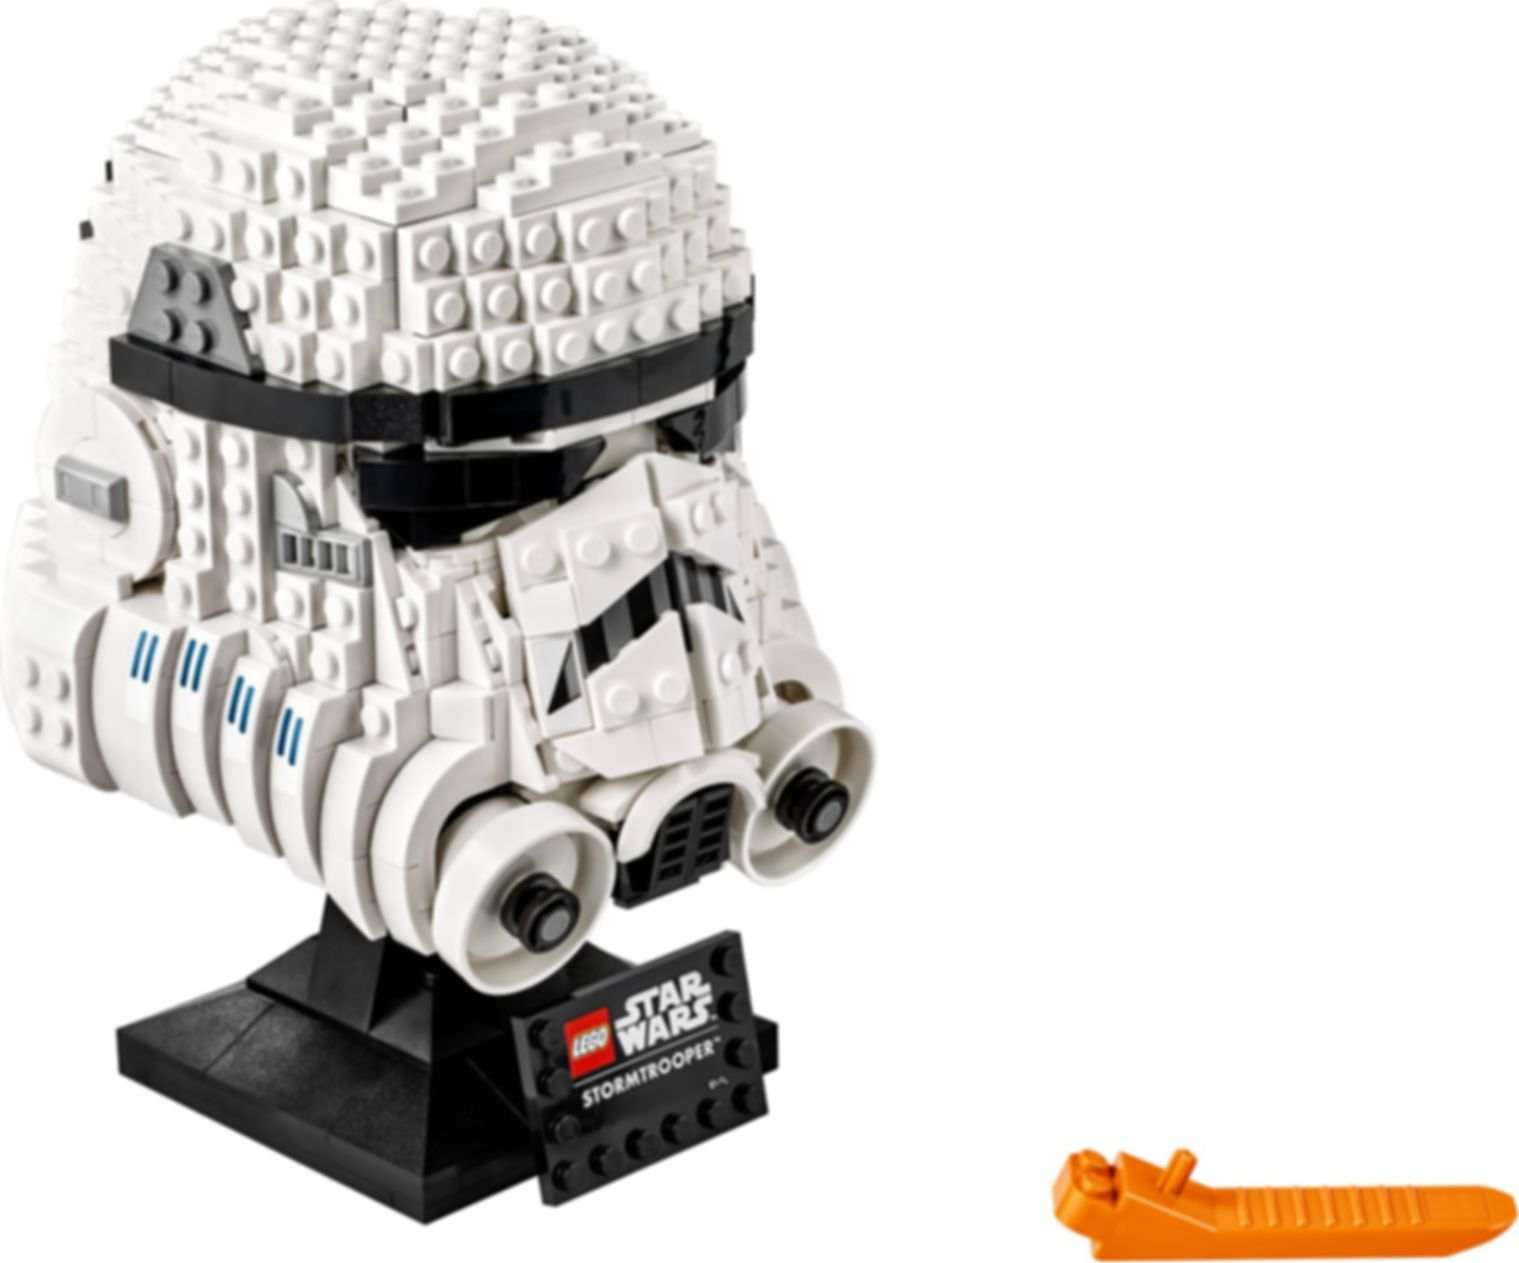 Stormtrooper™ Helmet components